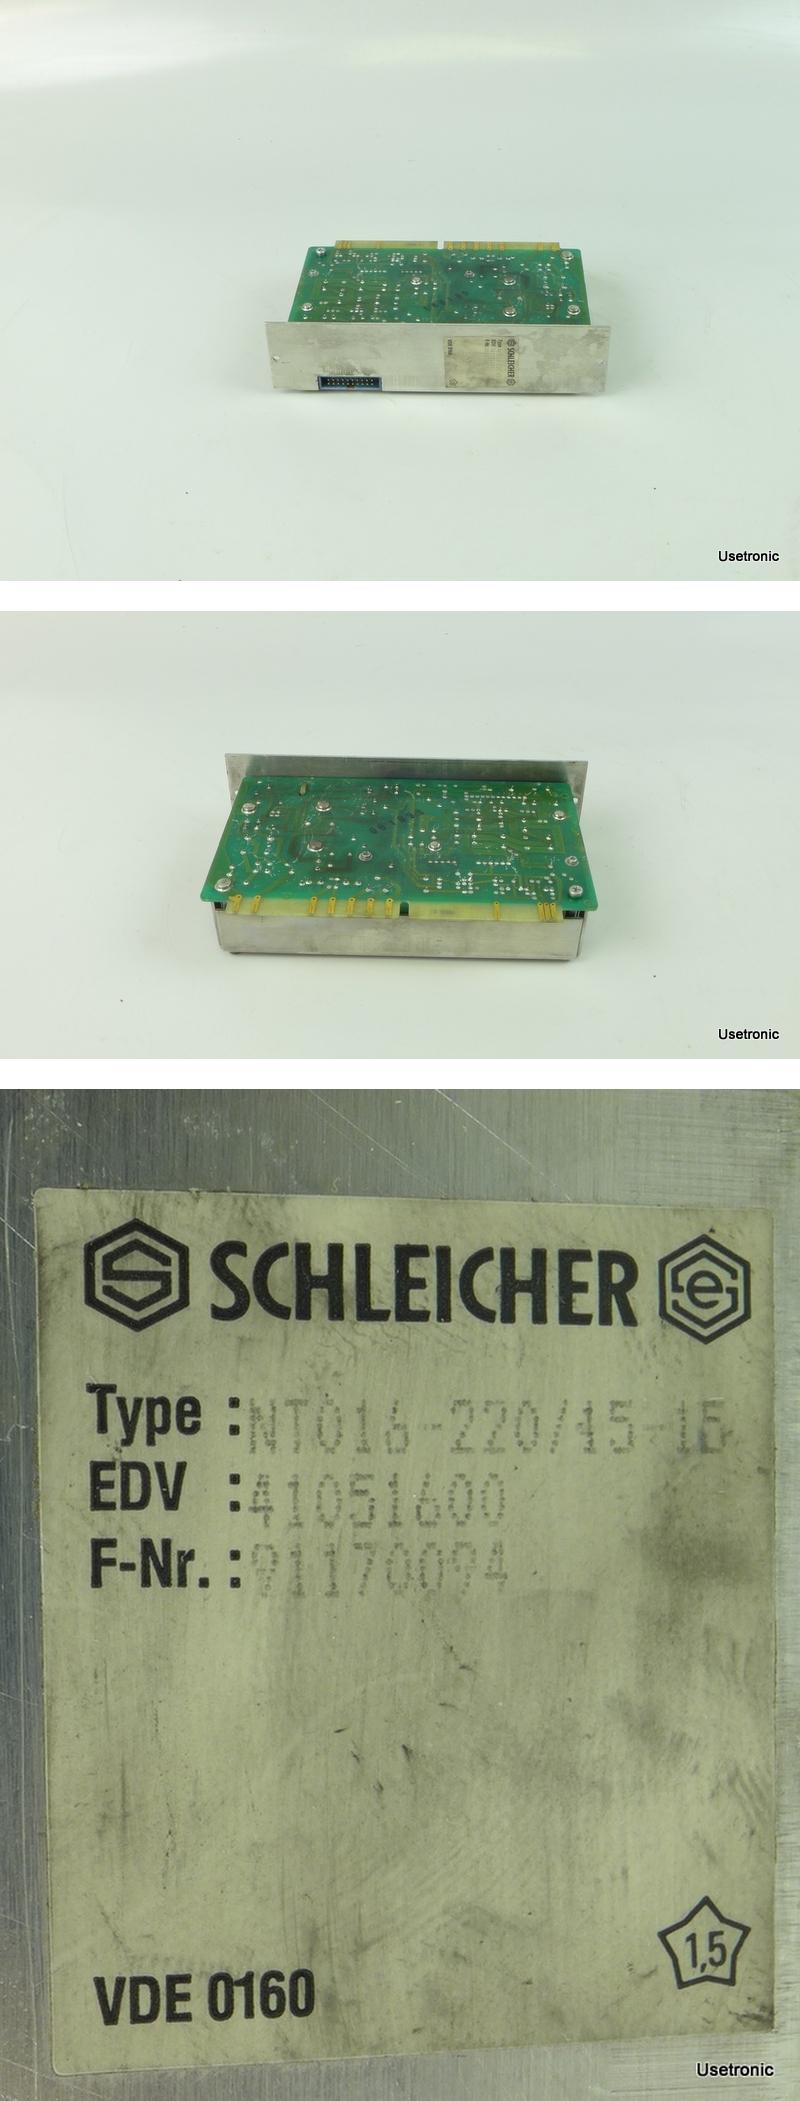 Schleicher Battenfeld NT016-220